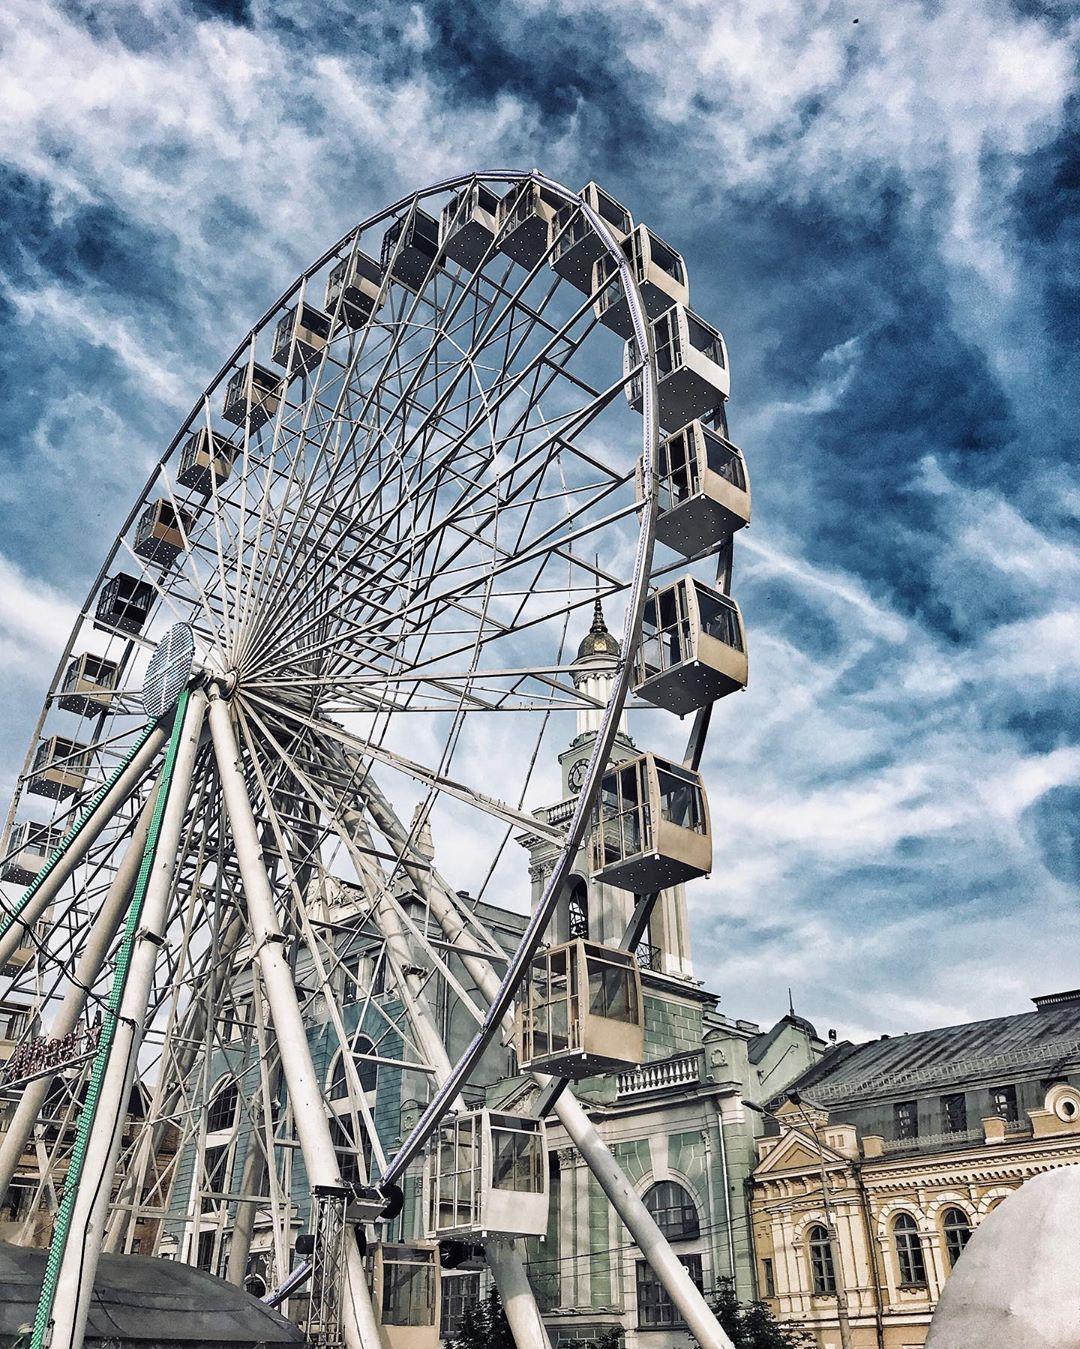 С появлением колеса обозрения Подол стал еще более живописным. Фото: @kornaukhov_andrii